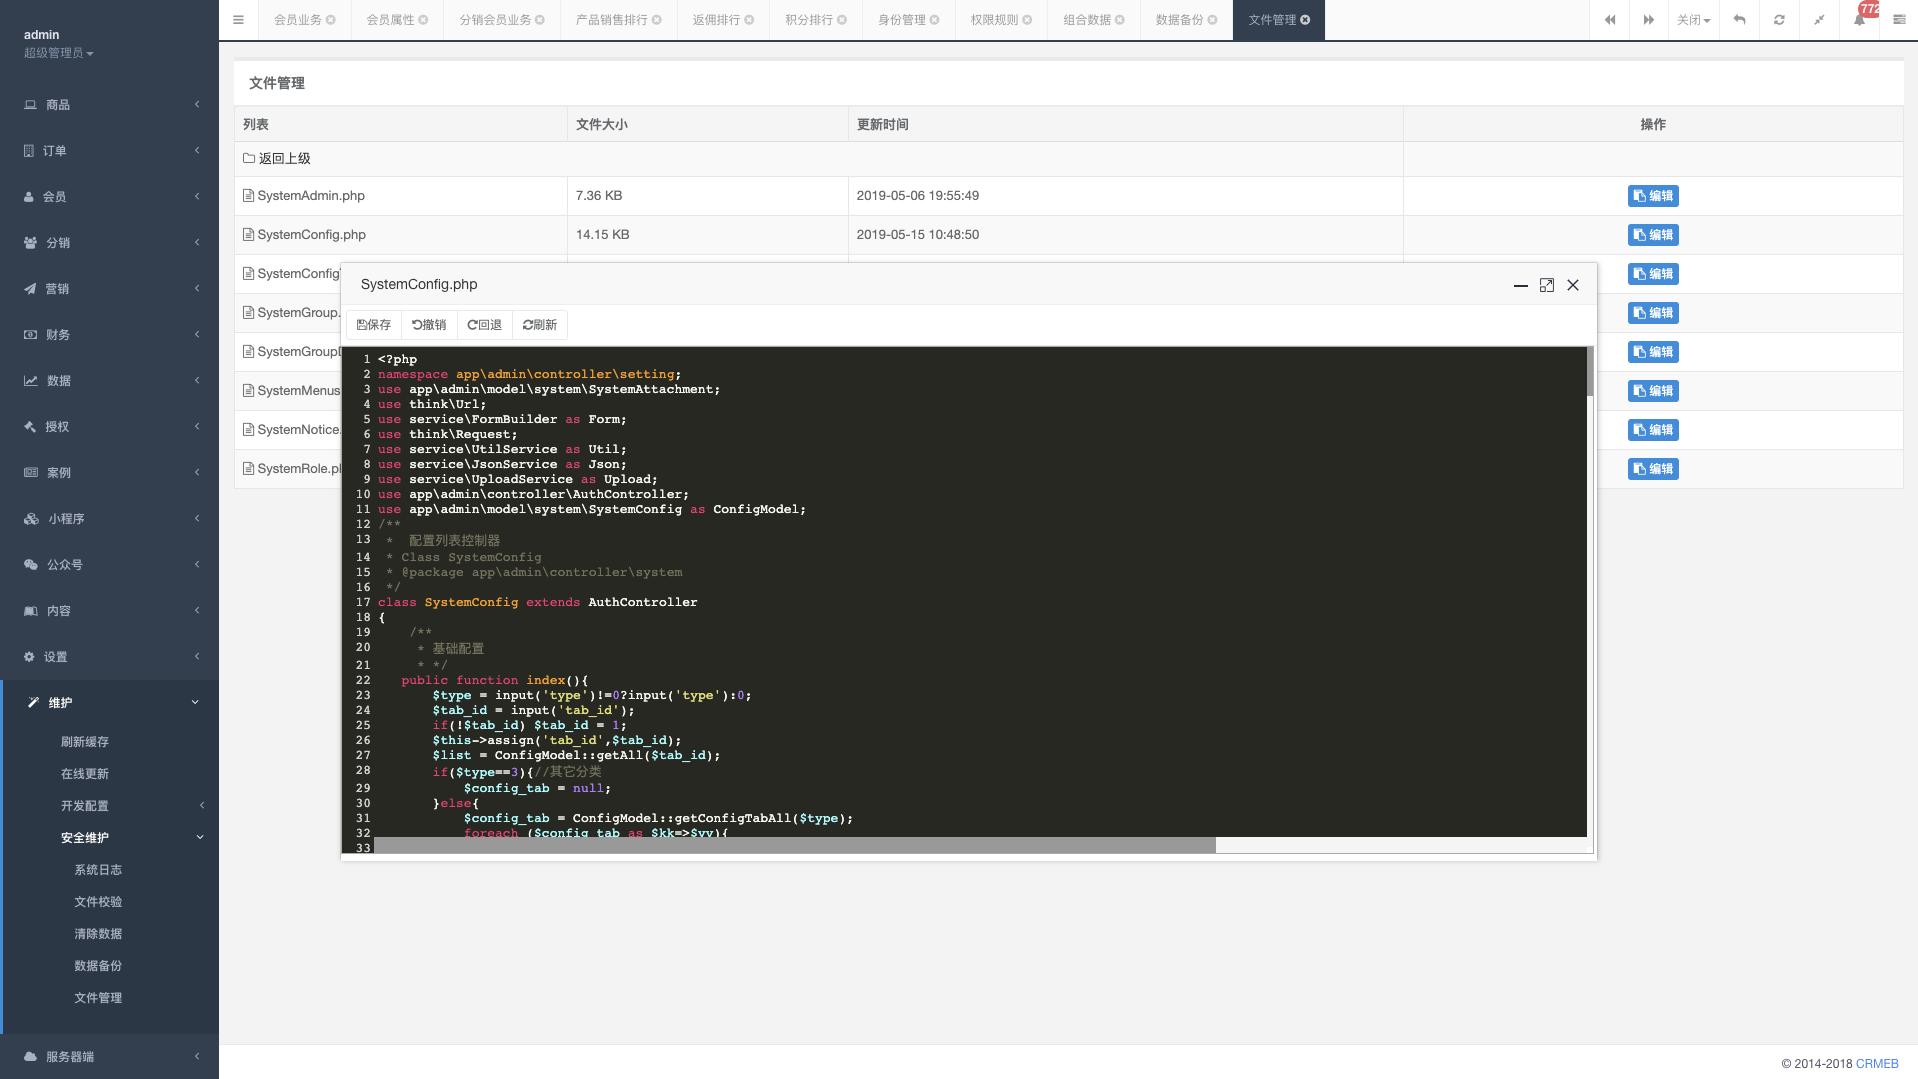 ThinkPhp6.0开发 商城小程序源码开源版+可二开+内附搭建教程+带后台